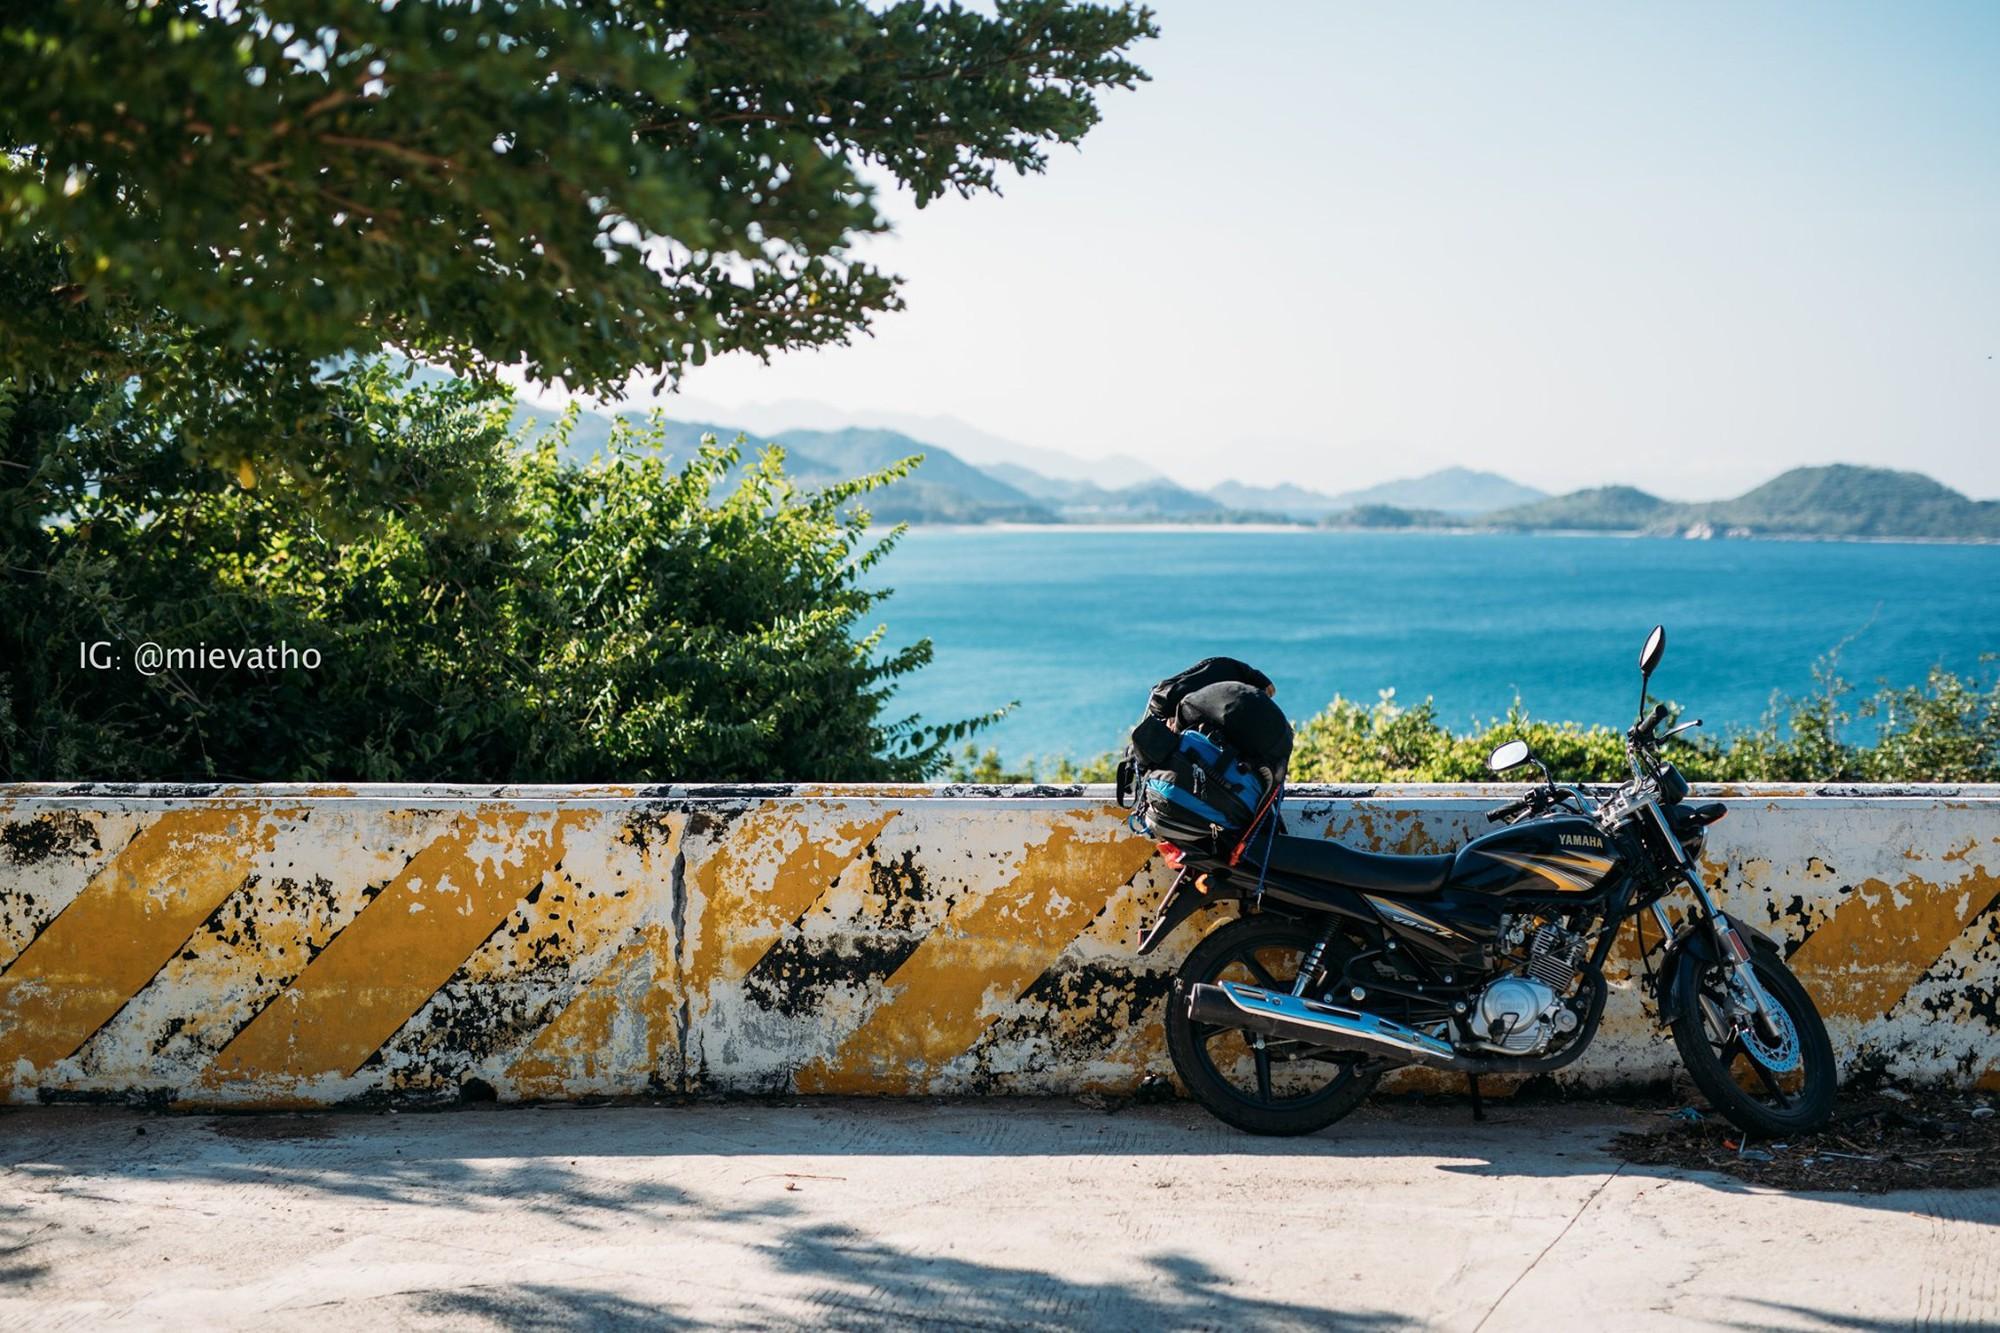 Bộ ảnh du lịch Ninh Thuận của cặp đôi đến từ Hà Nội khiến dân tình thích thú: Mới nhìn thôi đã thấy chill phết! - Ảnh 19.